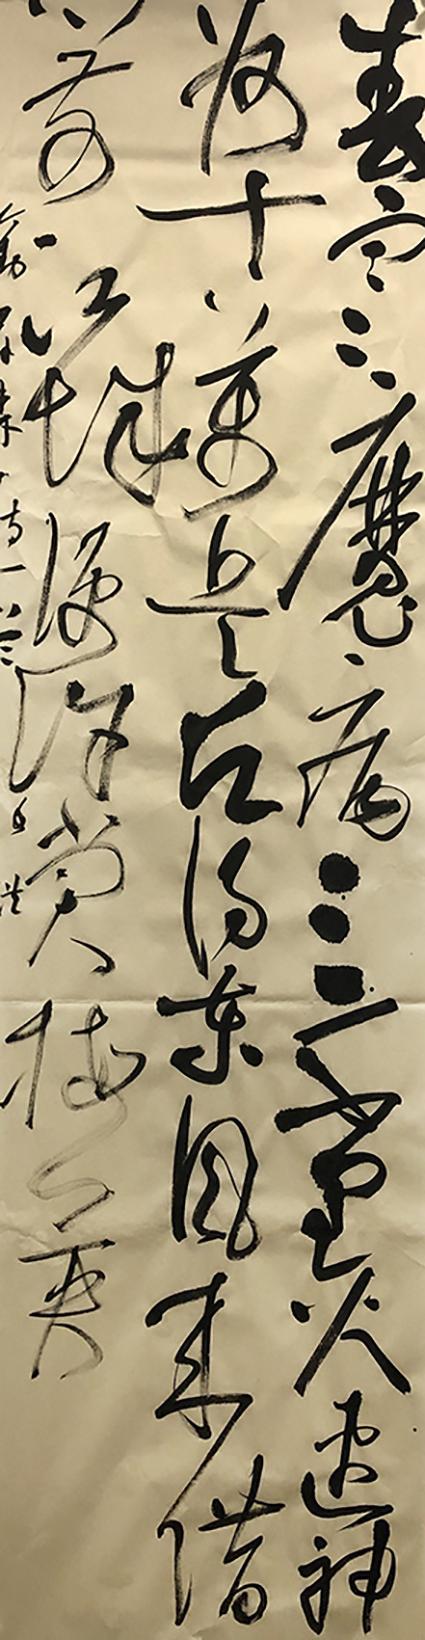 張洪春寒魔病三千裏,火速神州十萬兵。願得東風來借箭,江城便許賞梅英。